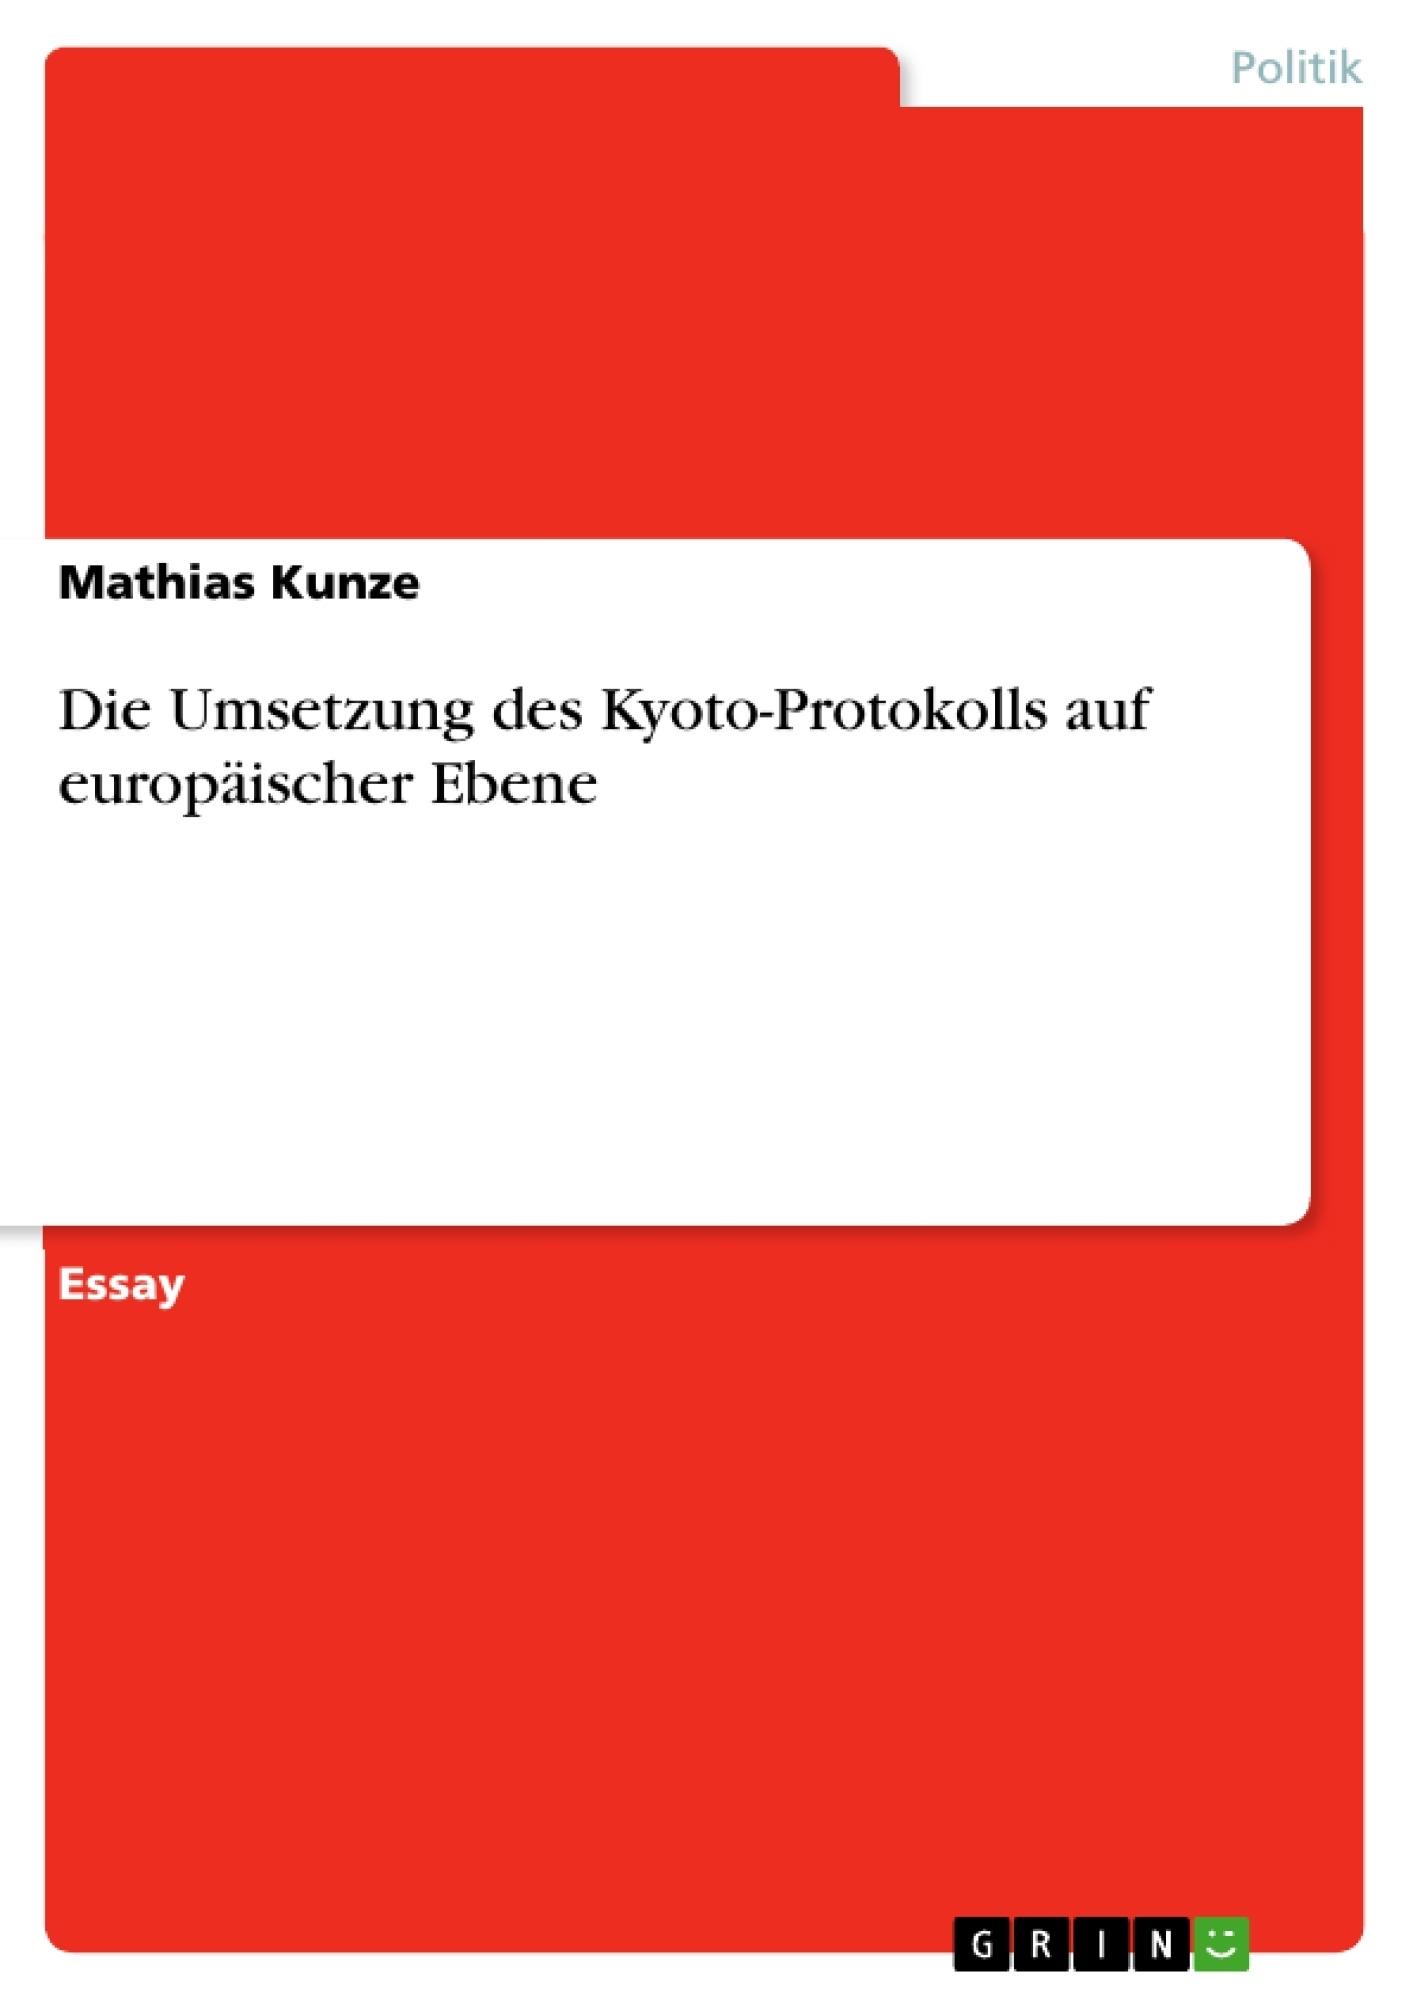 Titel: Die Umsetzung des Kyoto-Protokolls auf europäischer Ebene